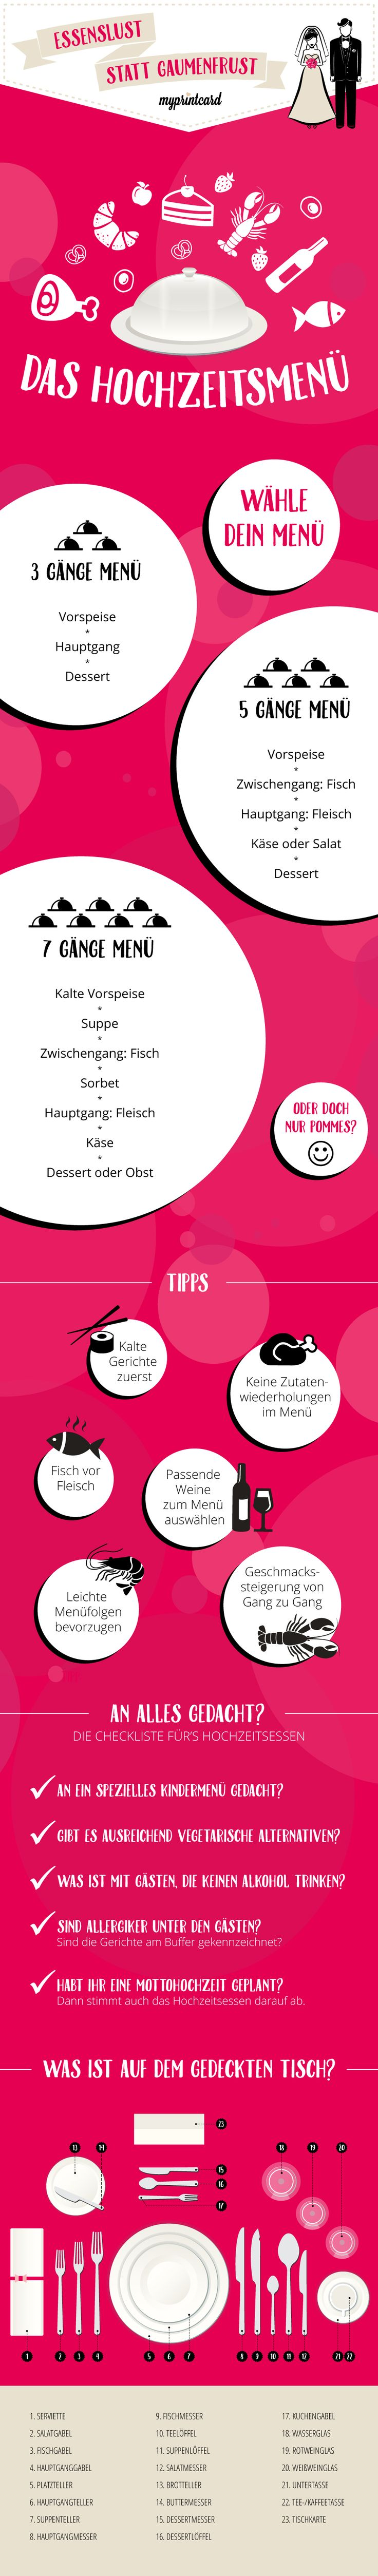 Soviel Auswahl! Soviel zu Planen! Wir greifen Euch mit Tipps und Tricks bei der Planung des Hochzeitsessens und Hochzeitsmenüs unter die Arme. Entscheidet Euch zwischen traditionellen Gangfolgen, erfahrt was es mit dem vielen Besteck auf sich hat und erhaltet wertvolle Tipps.  - How to set a table - #hochzeit #essen #trinken #infografik #Hochzeitsmenü #Hochzeitsbuffet #besteck #Menü #Tipps #Tricks #Lifehacks #wissen #info #ratgeber #checkliste #planung